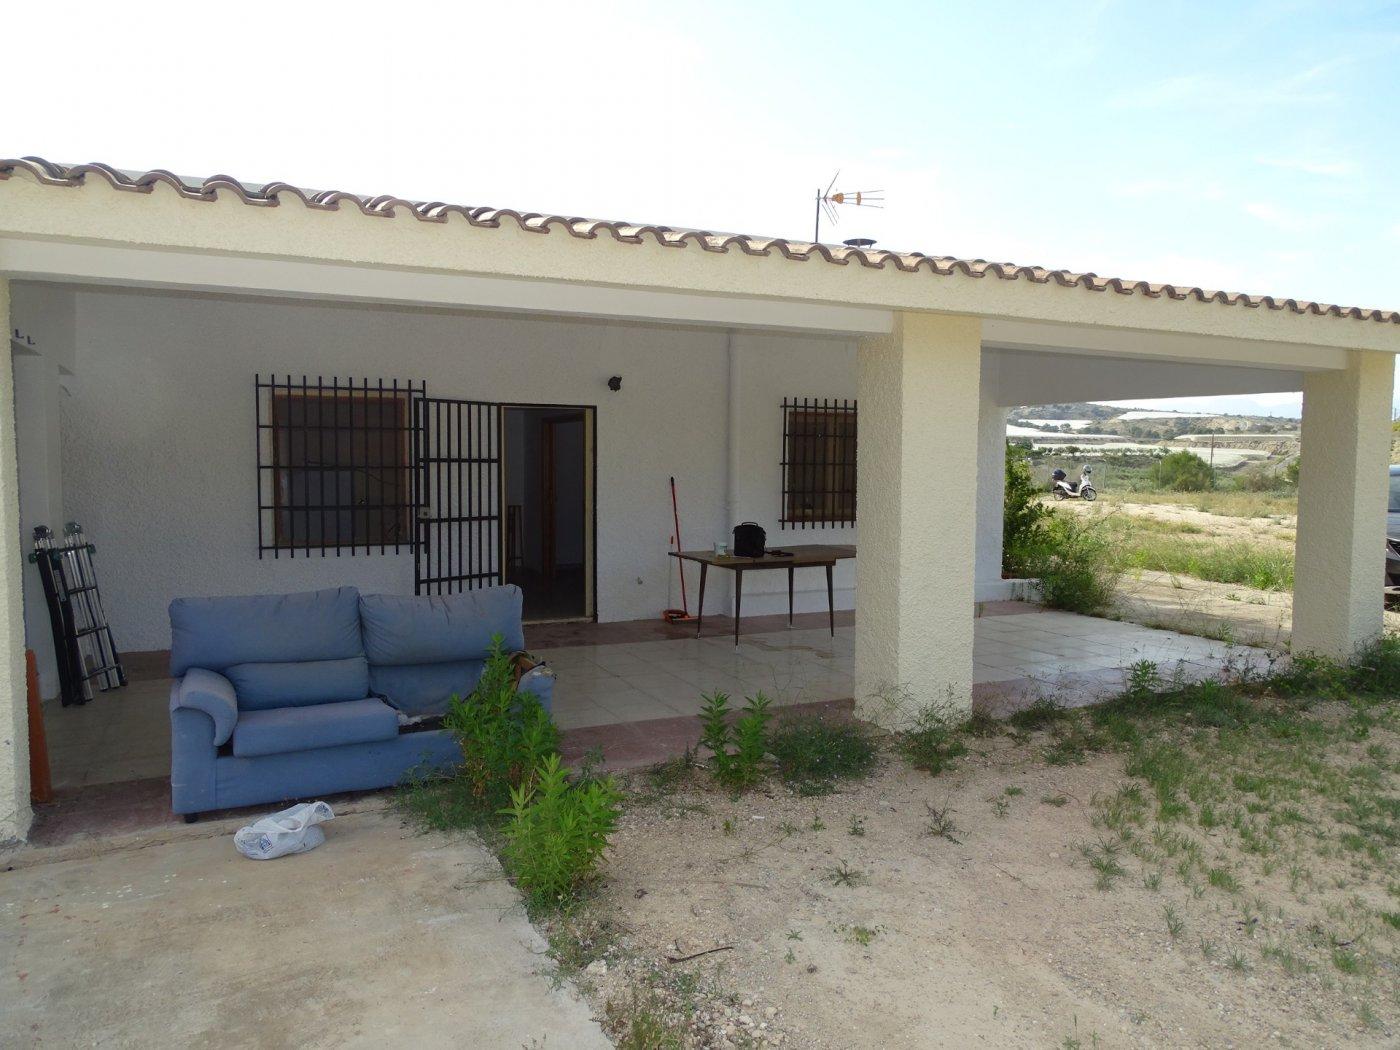 Casa  Alicante pedanias ,la alcoraya. Chalet en la alcoraya